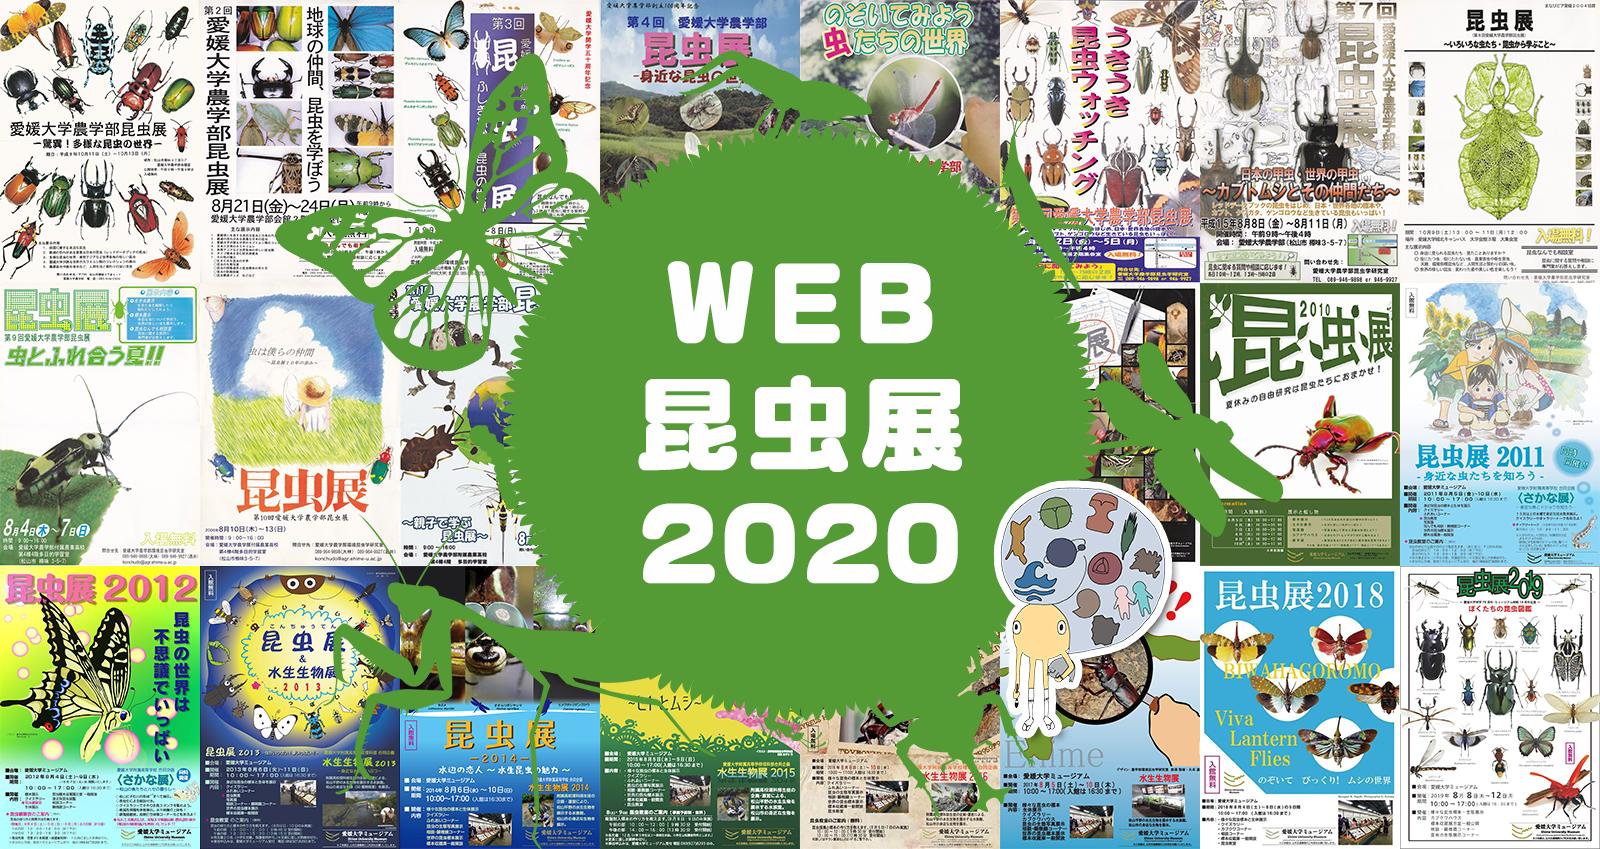 web昆虫展2020